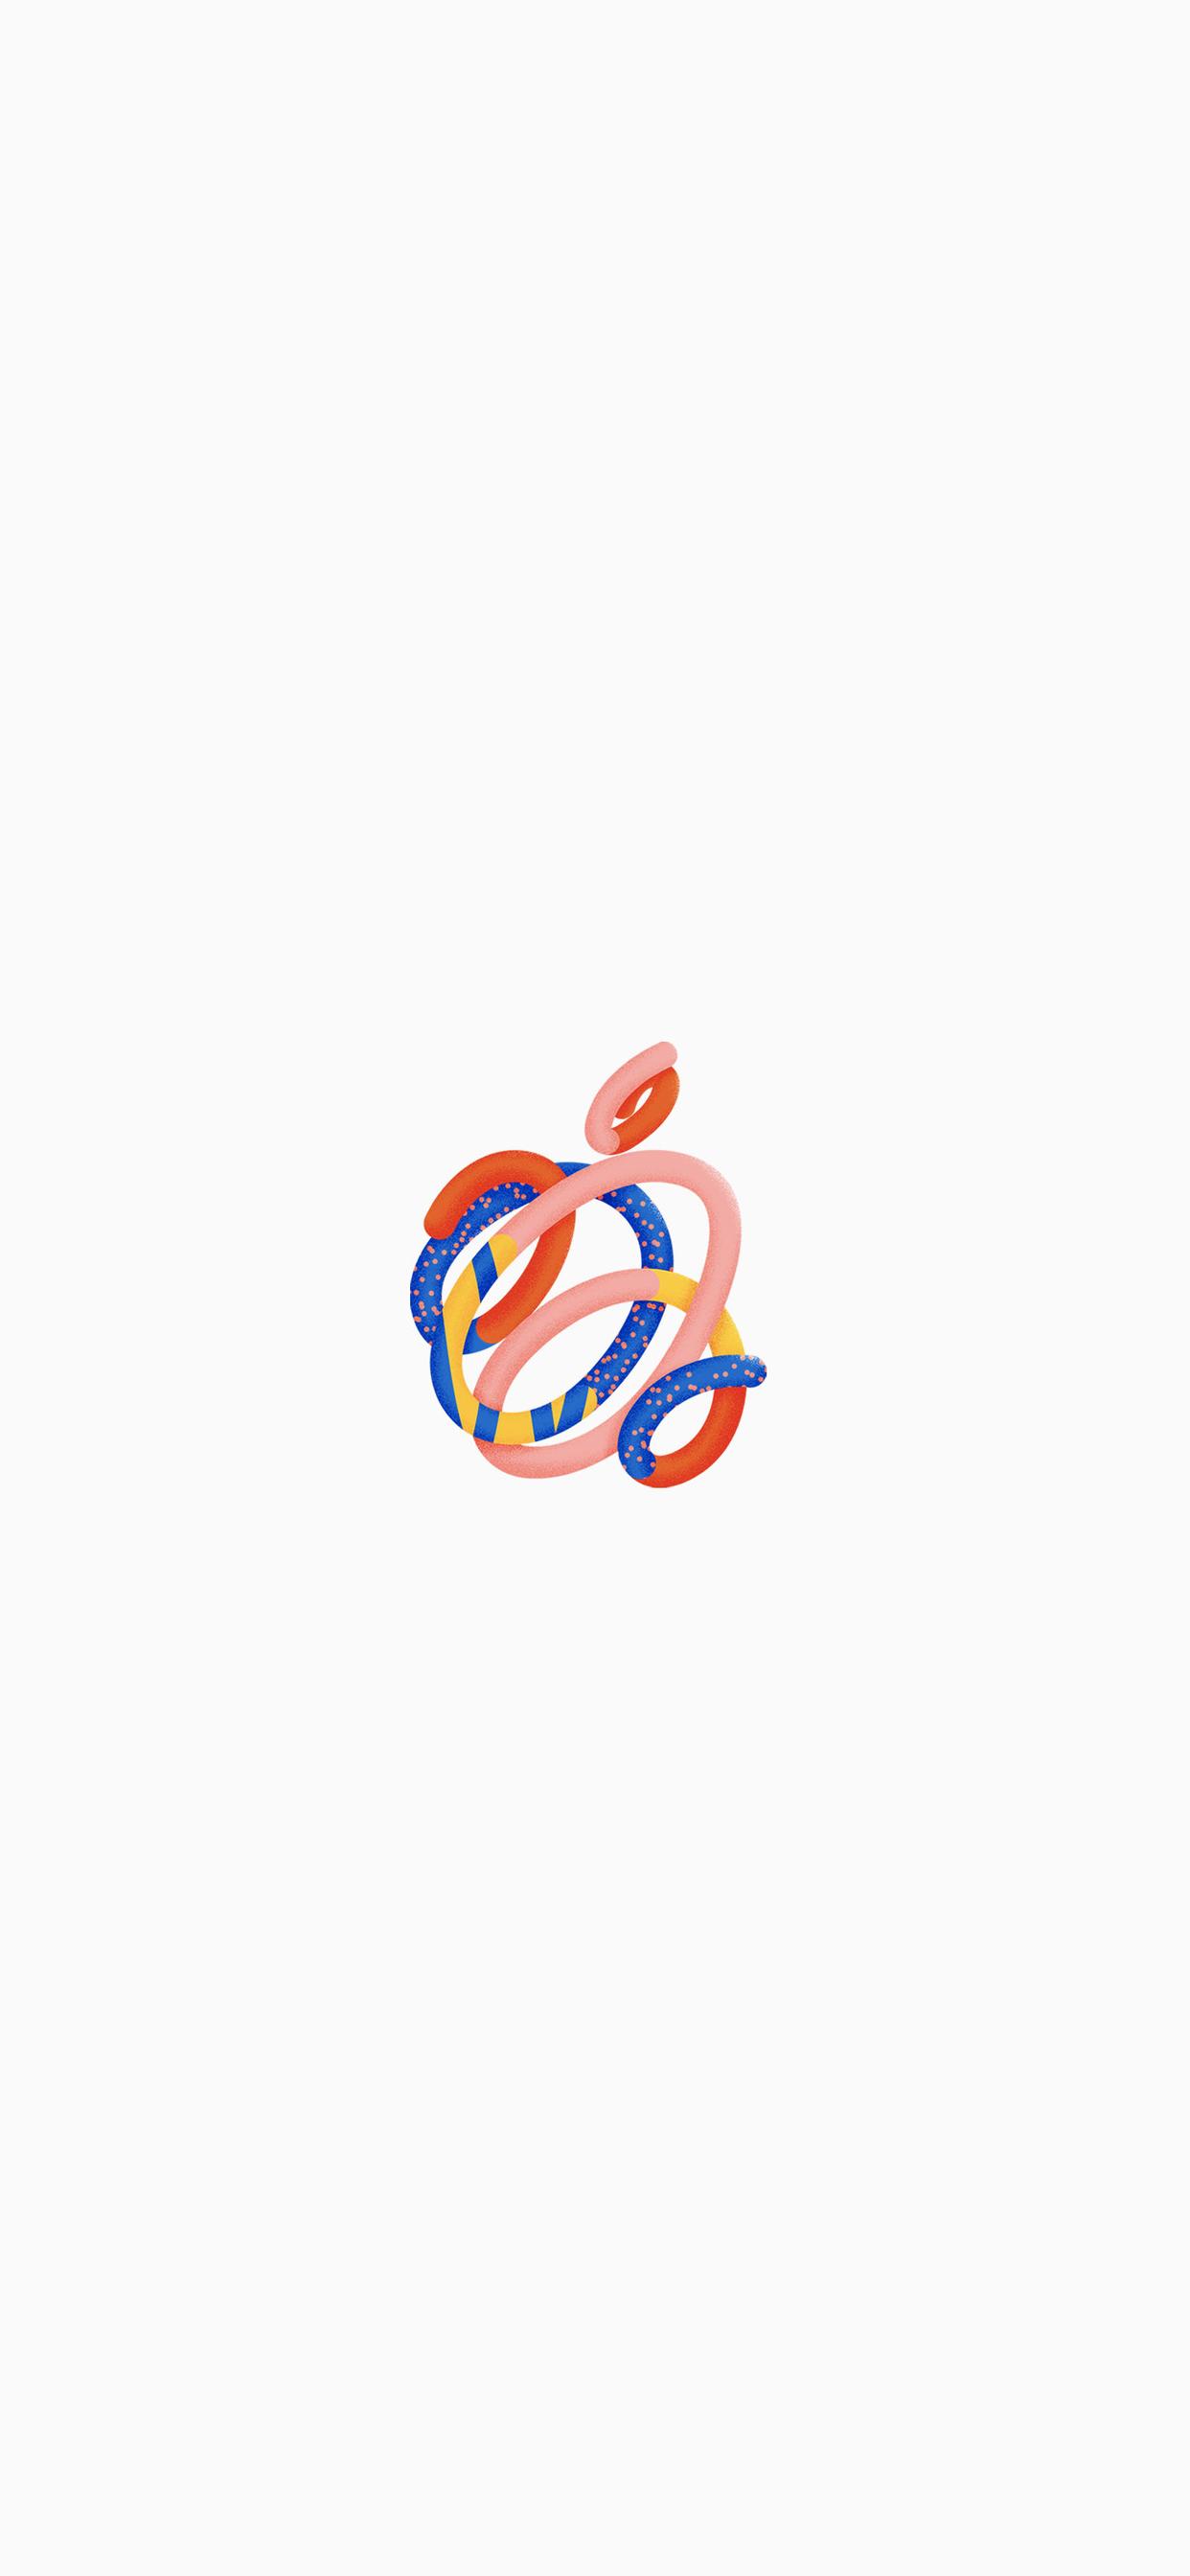 1 Fonds d'écran avec le logo Apple pour iPhone